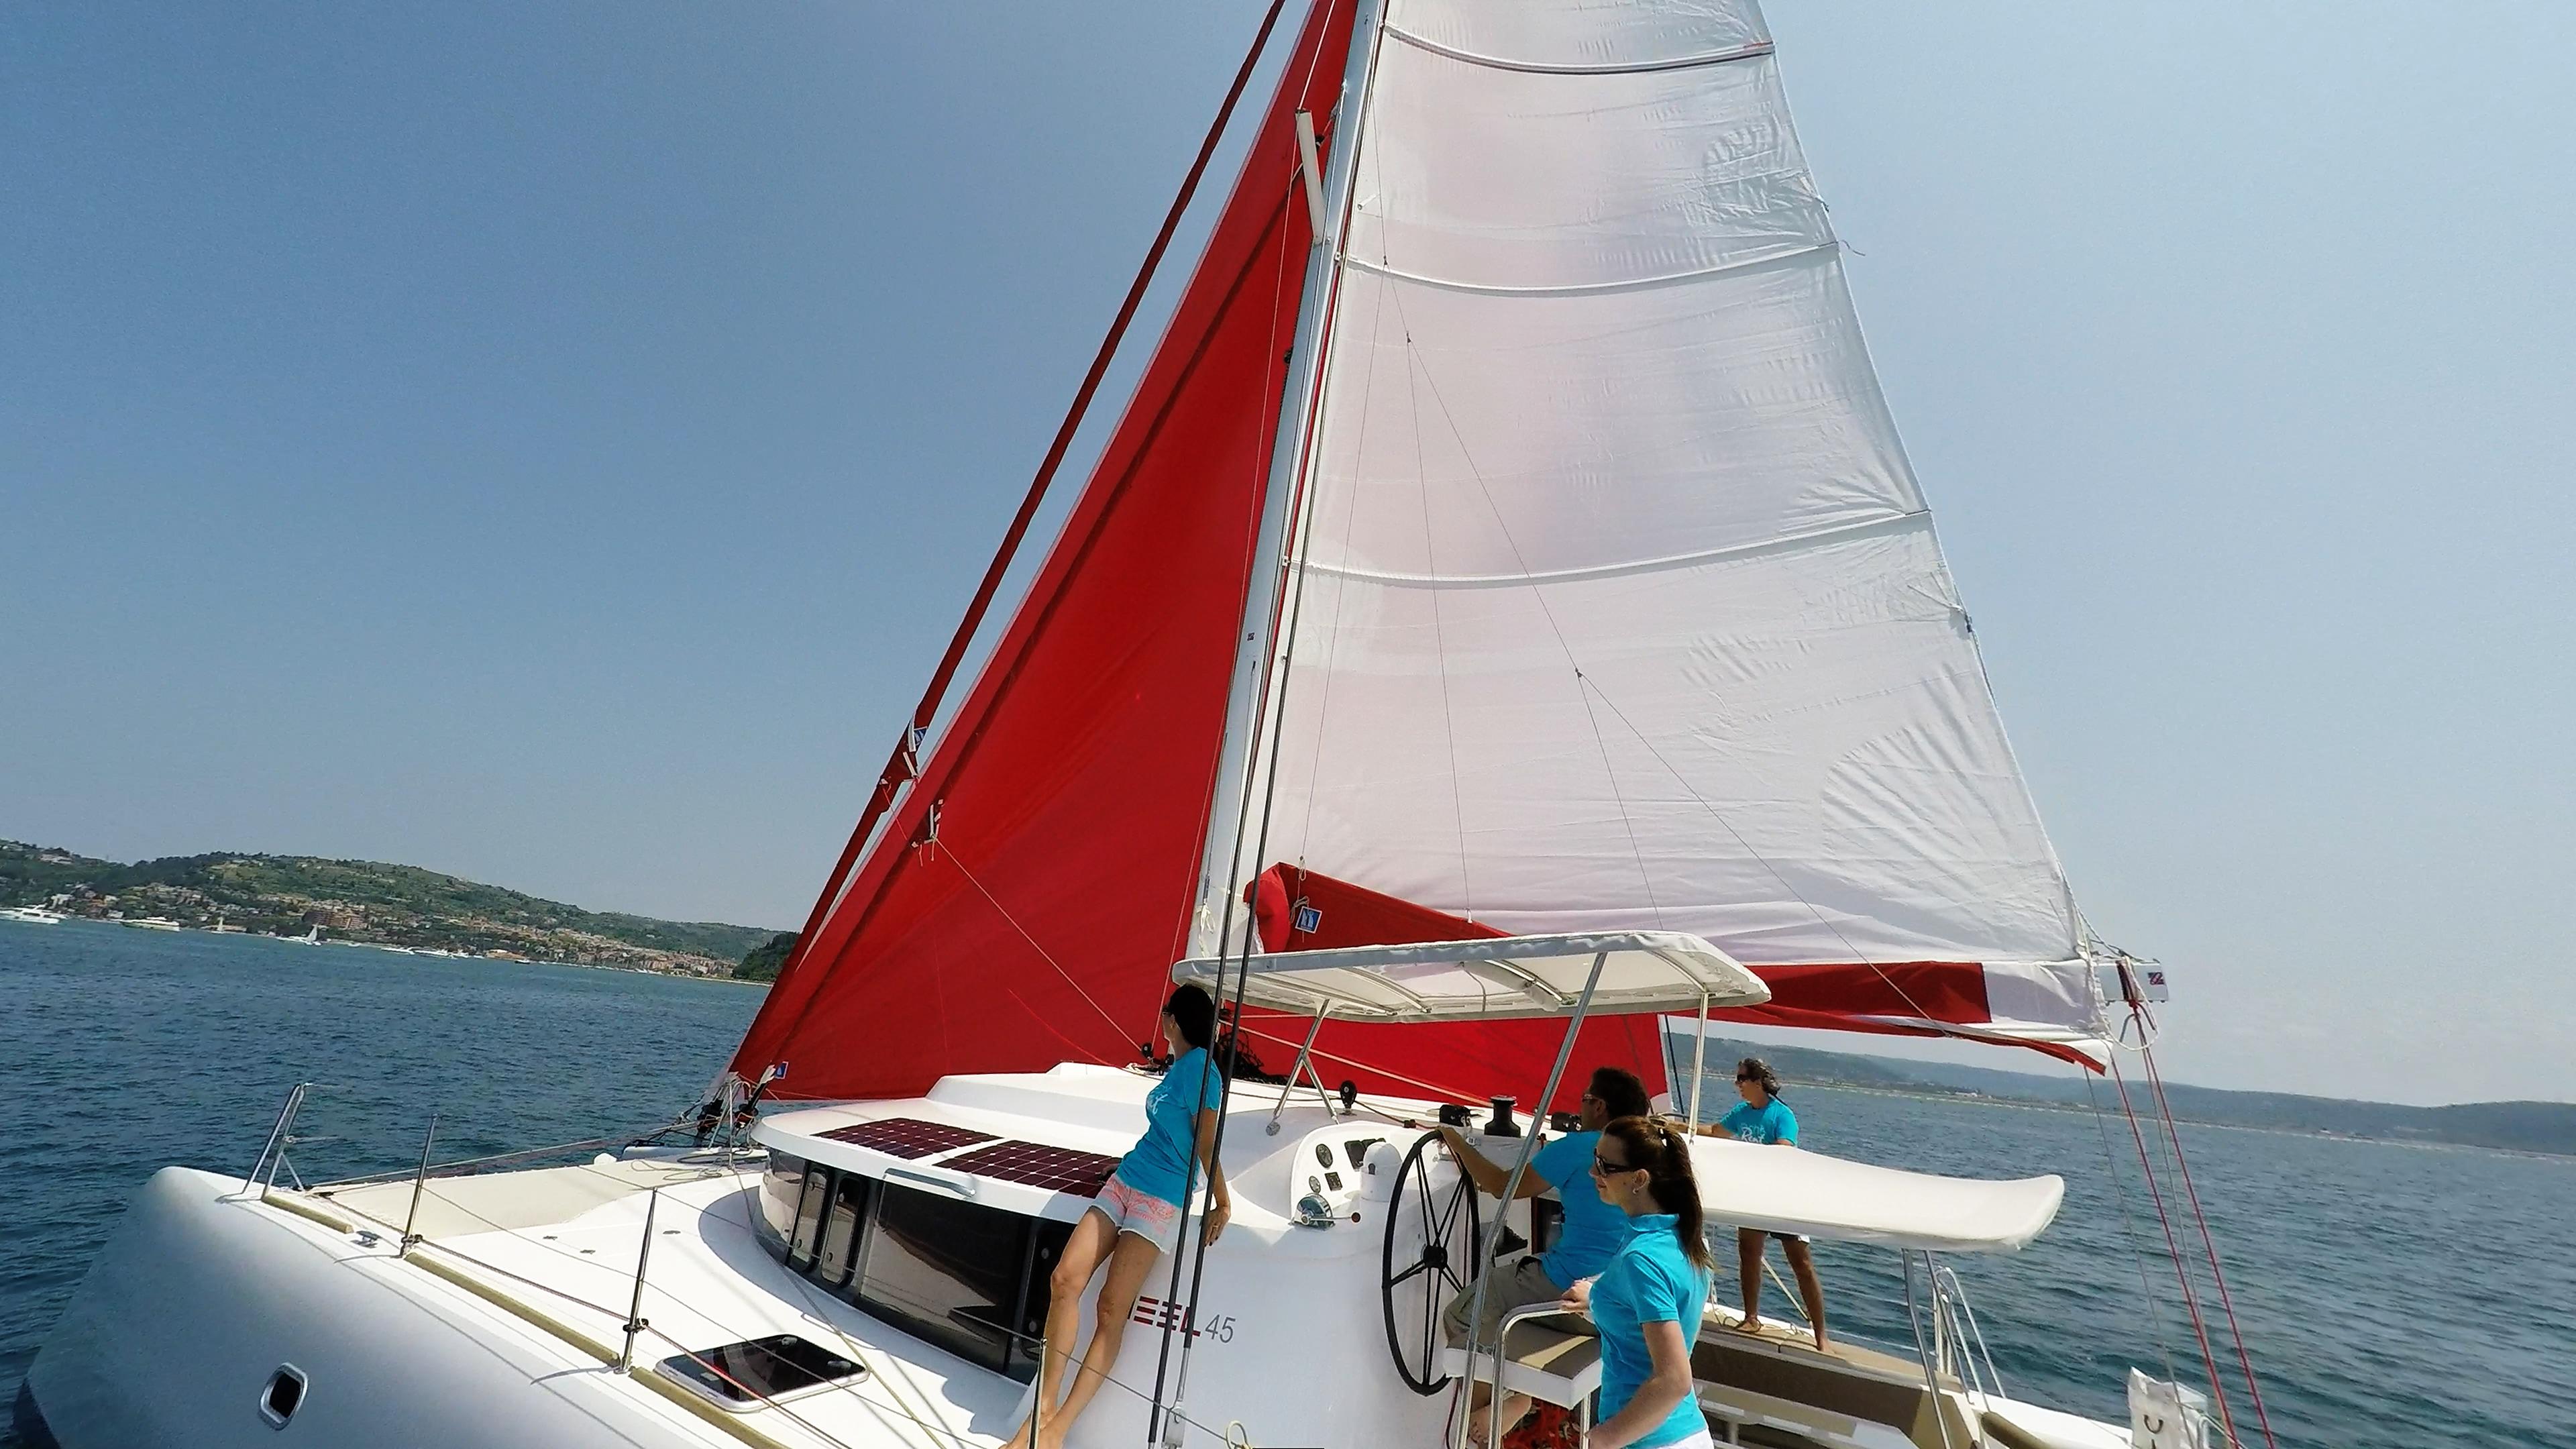 squadra di vela sul yacht